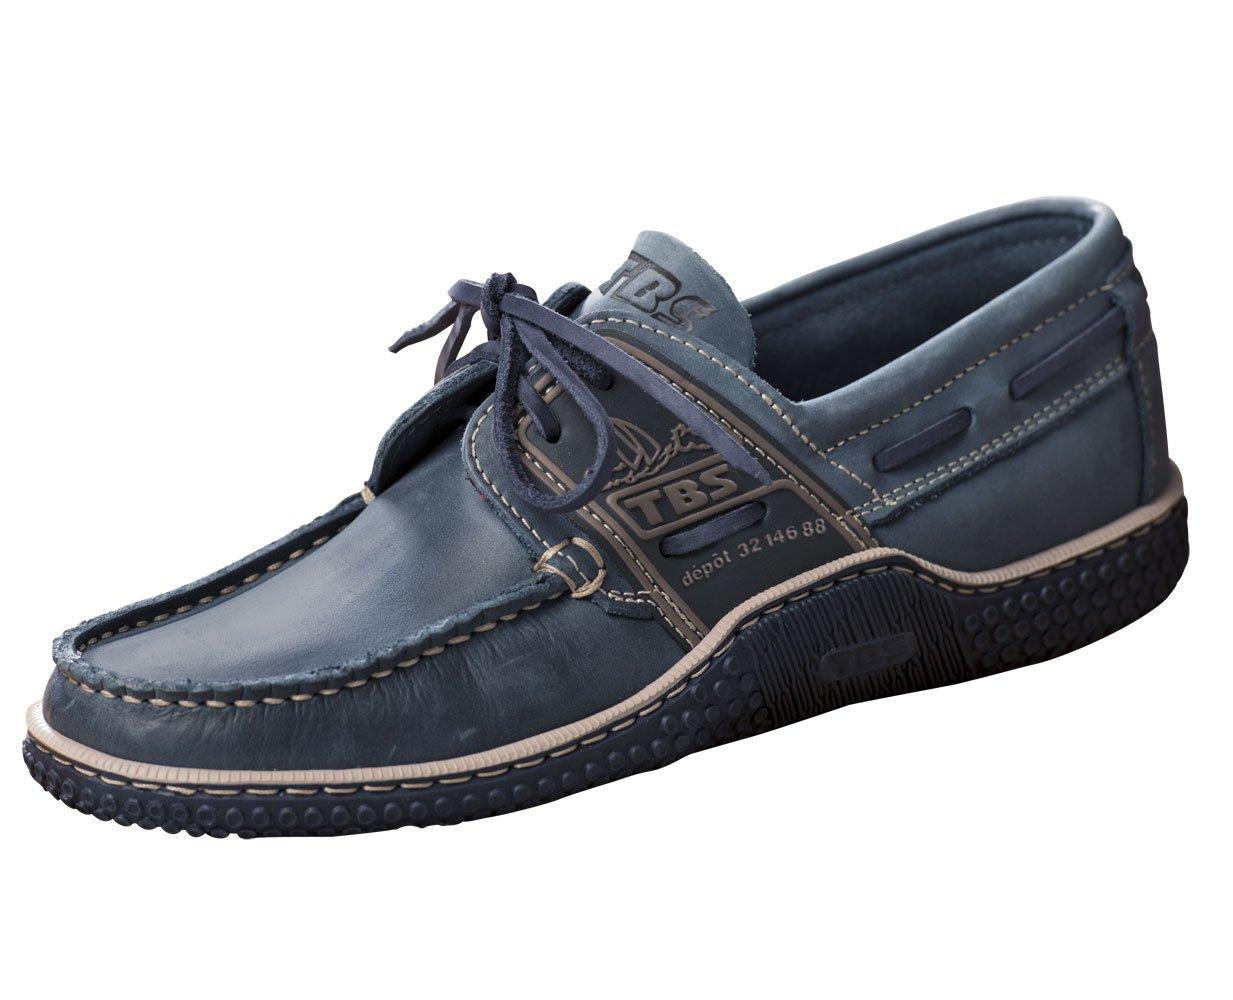 TBS Herren Deckschuh Globek Leder Bootsschuh  H: 43|Blau